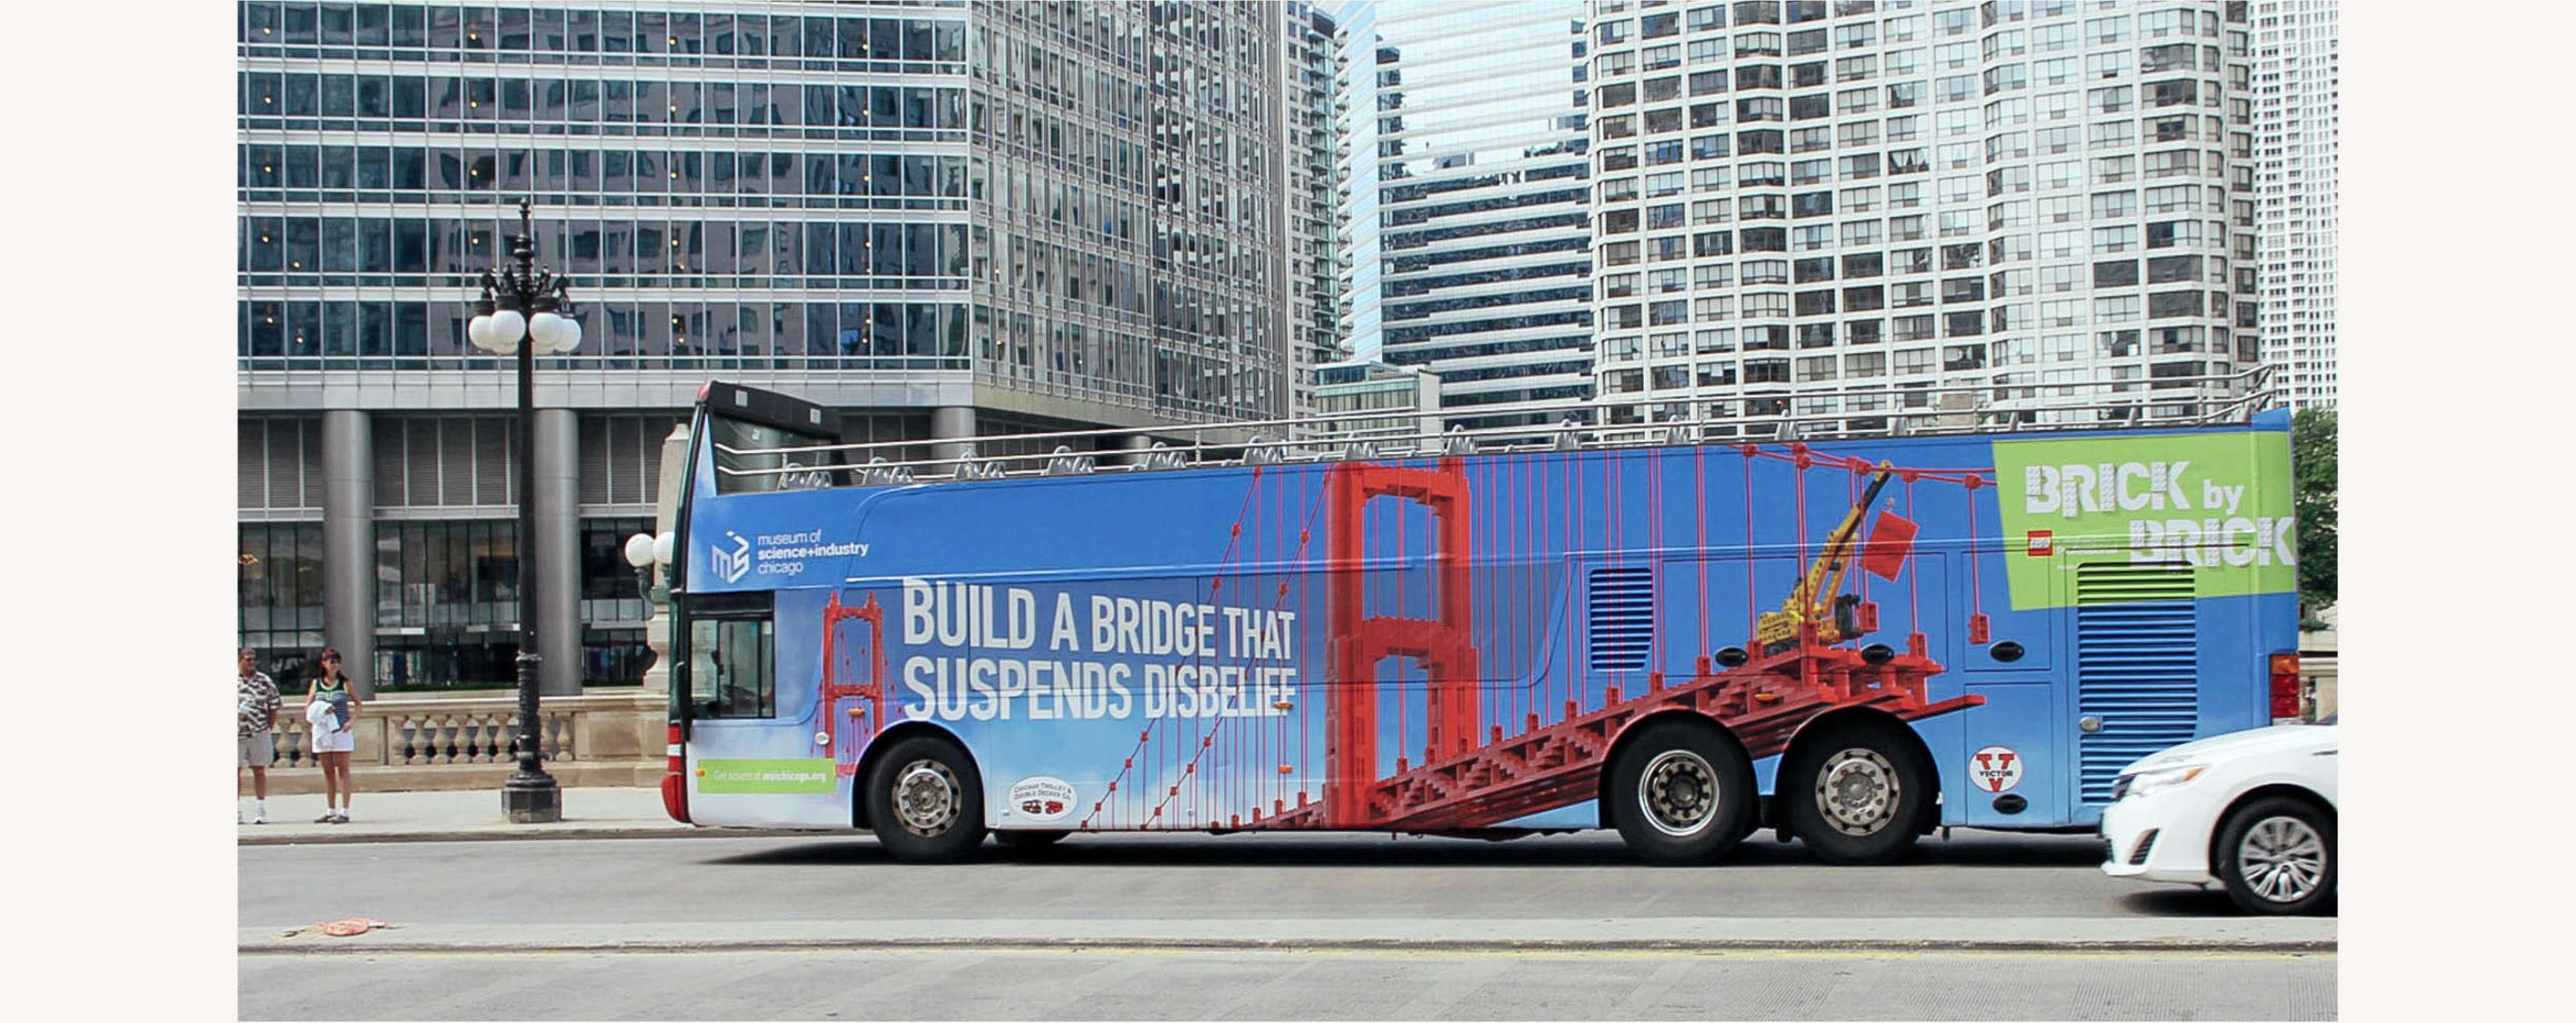 LEGO Bus OOH Ads